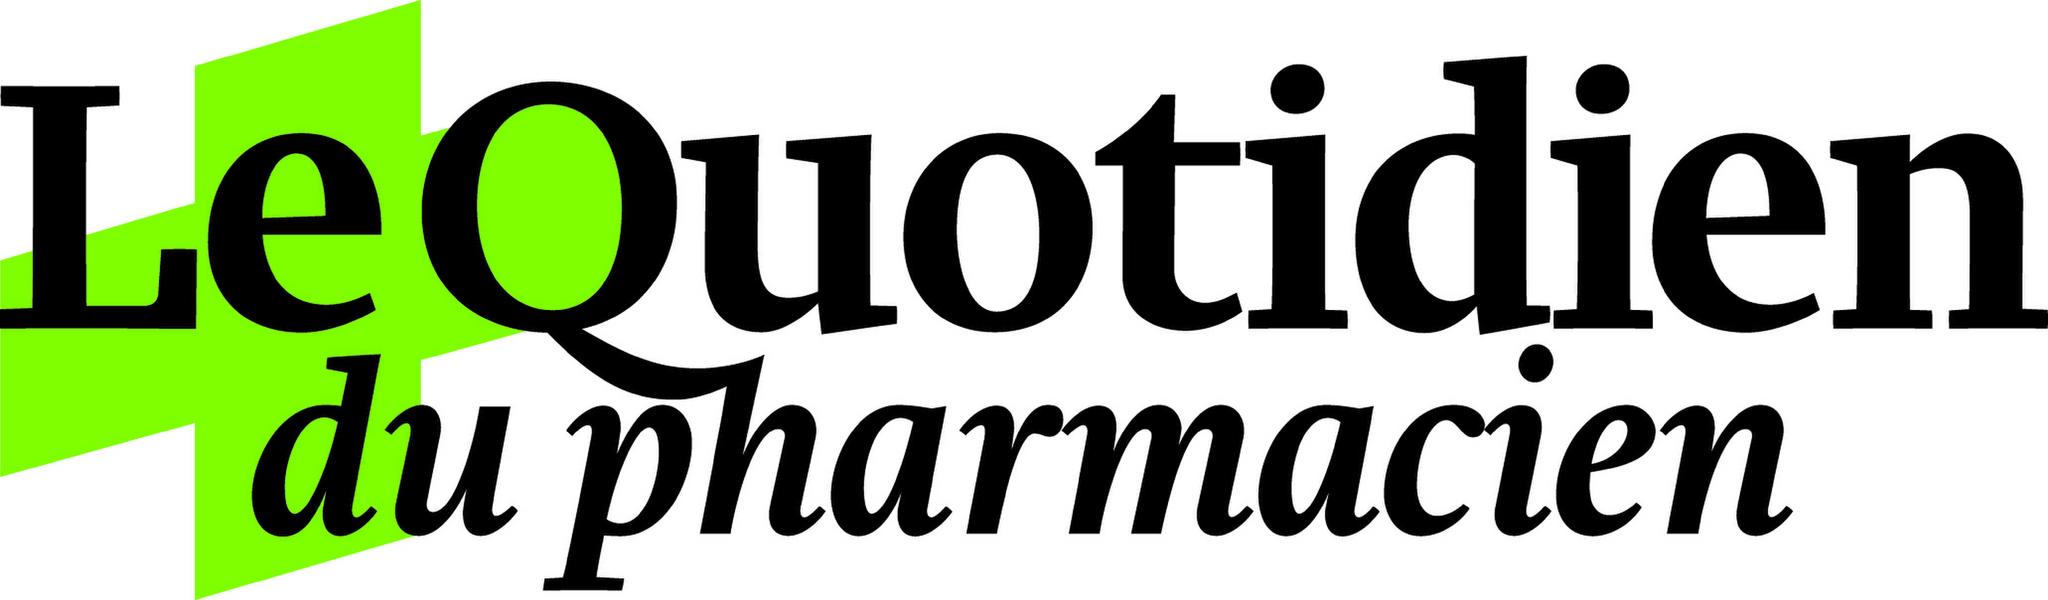 Le Quotidien du Pharmacien